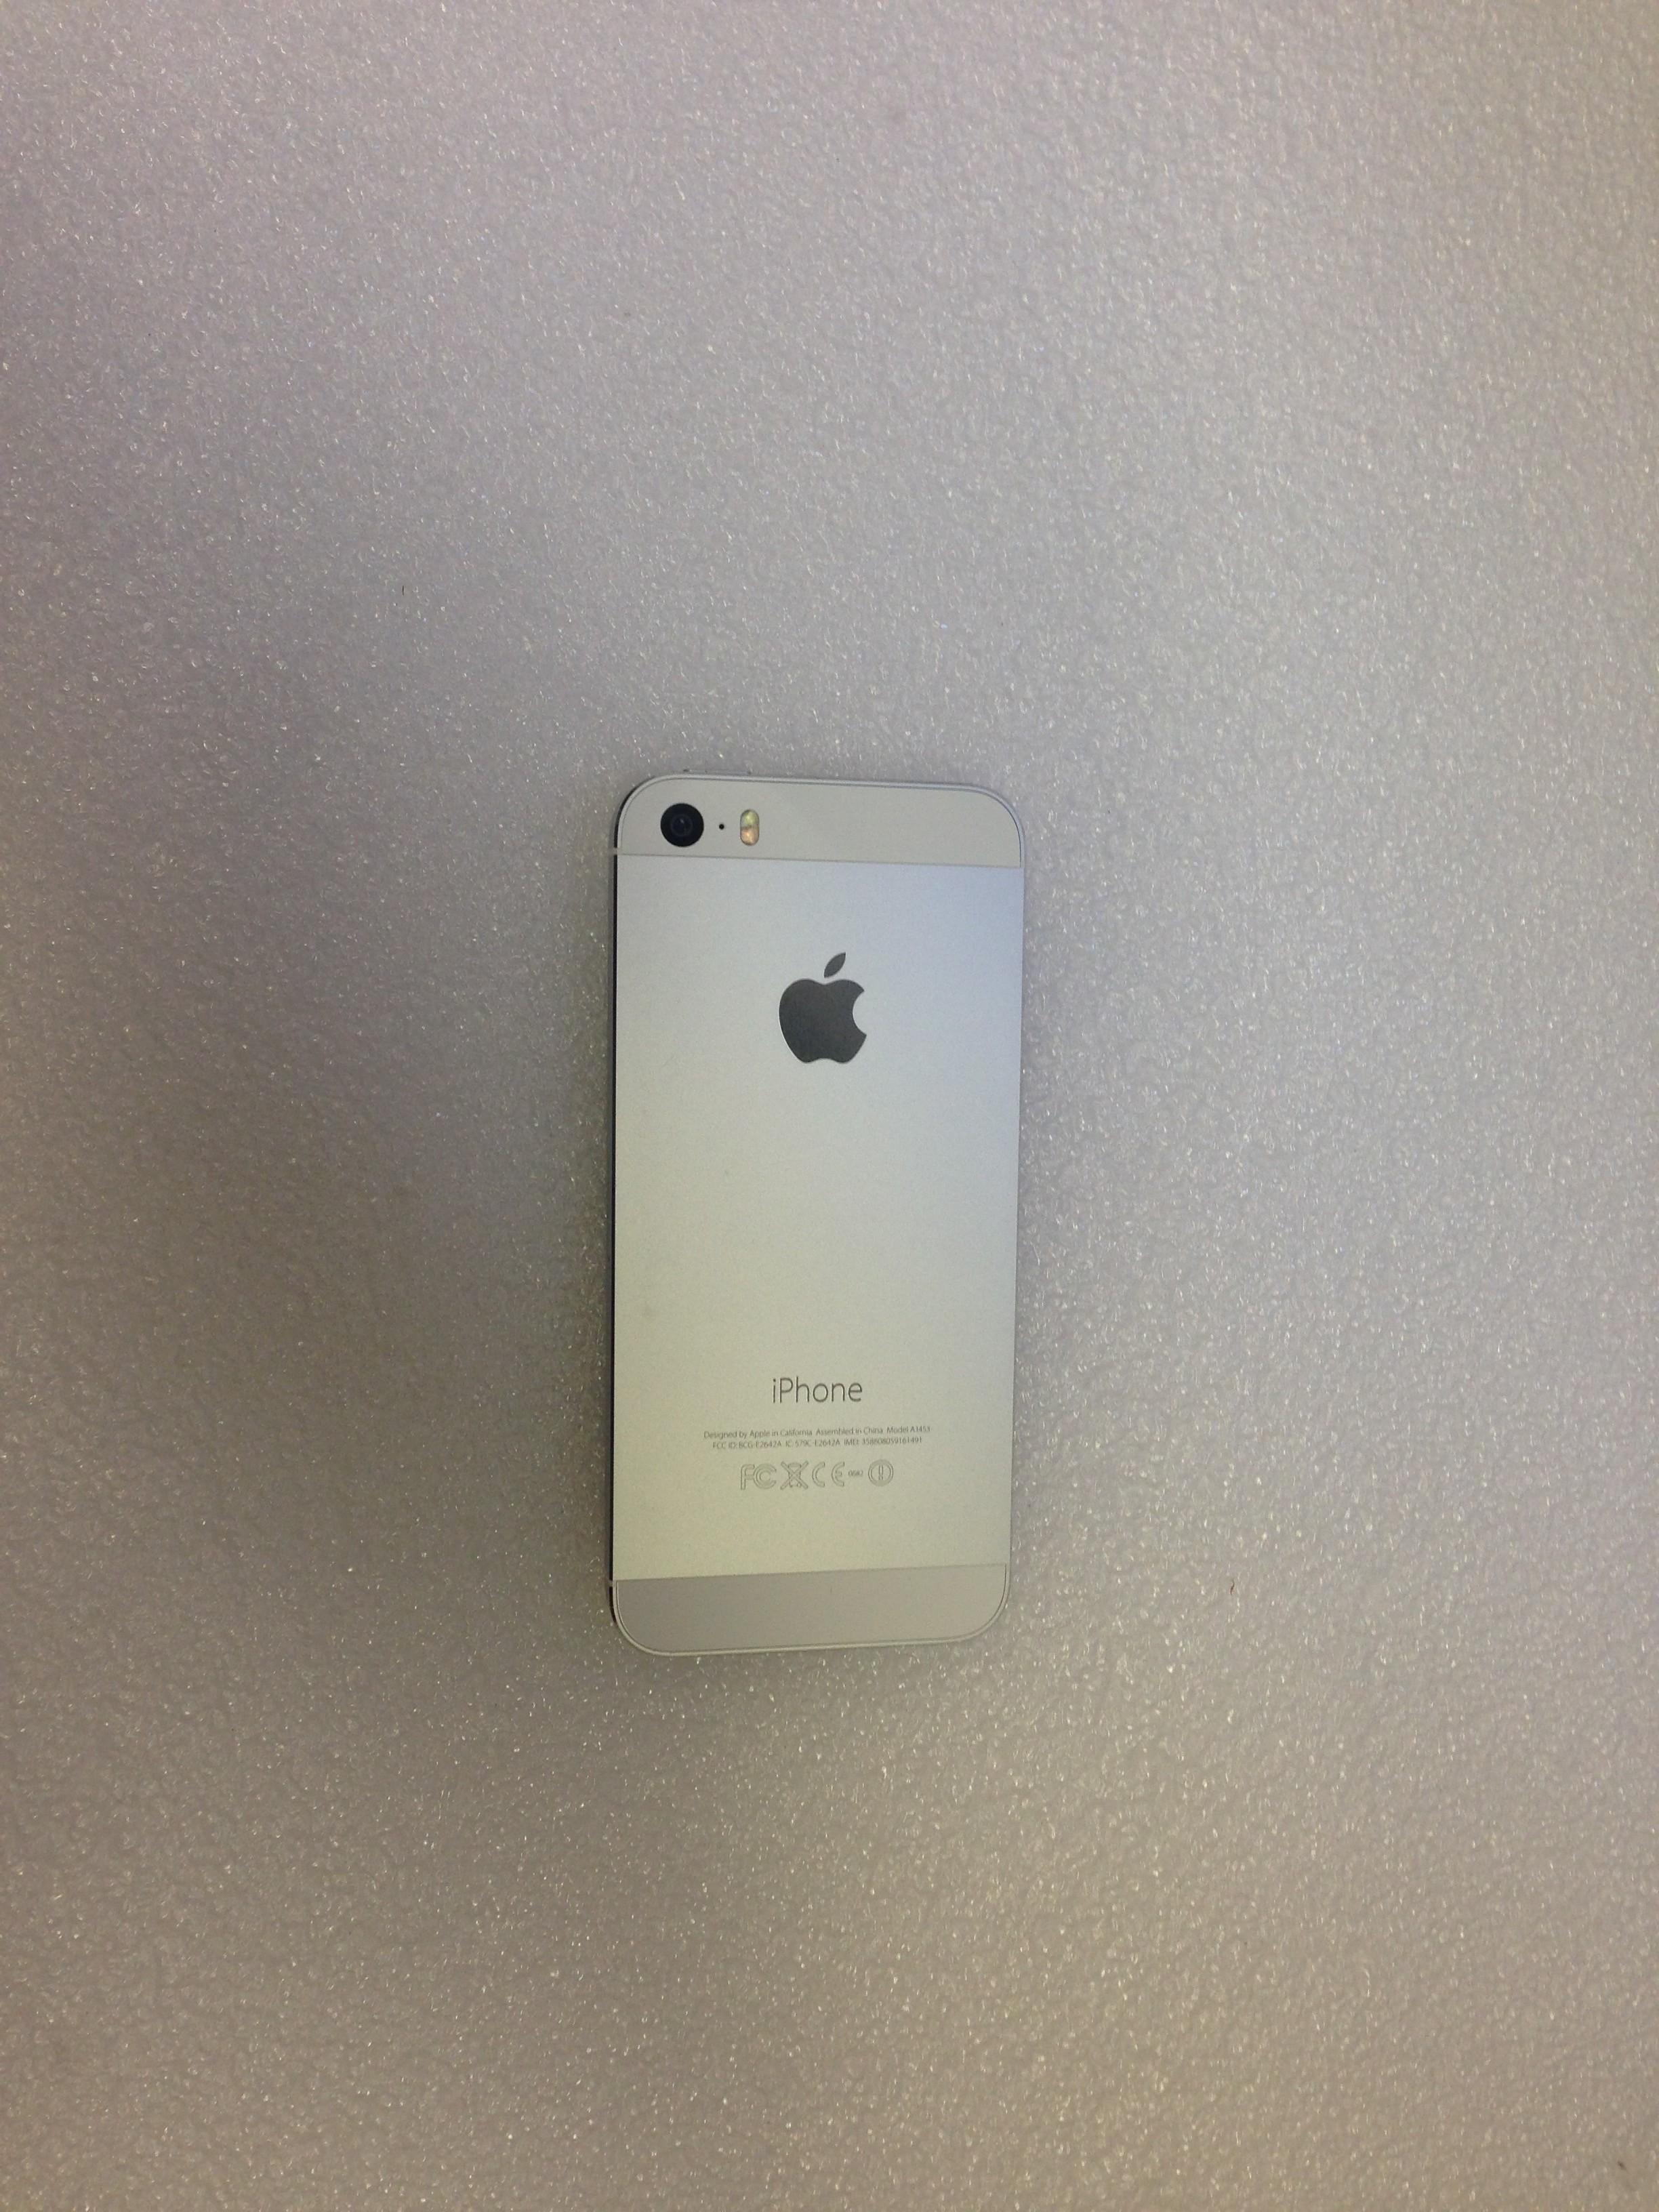 iPhone 5s, 64GB, Plata, imagen 4